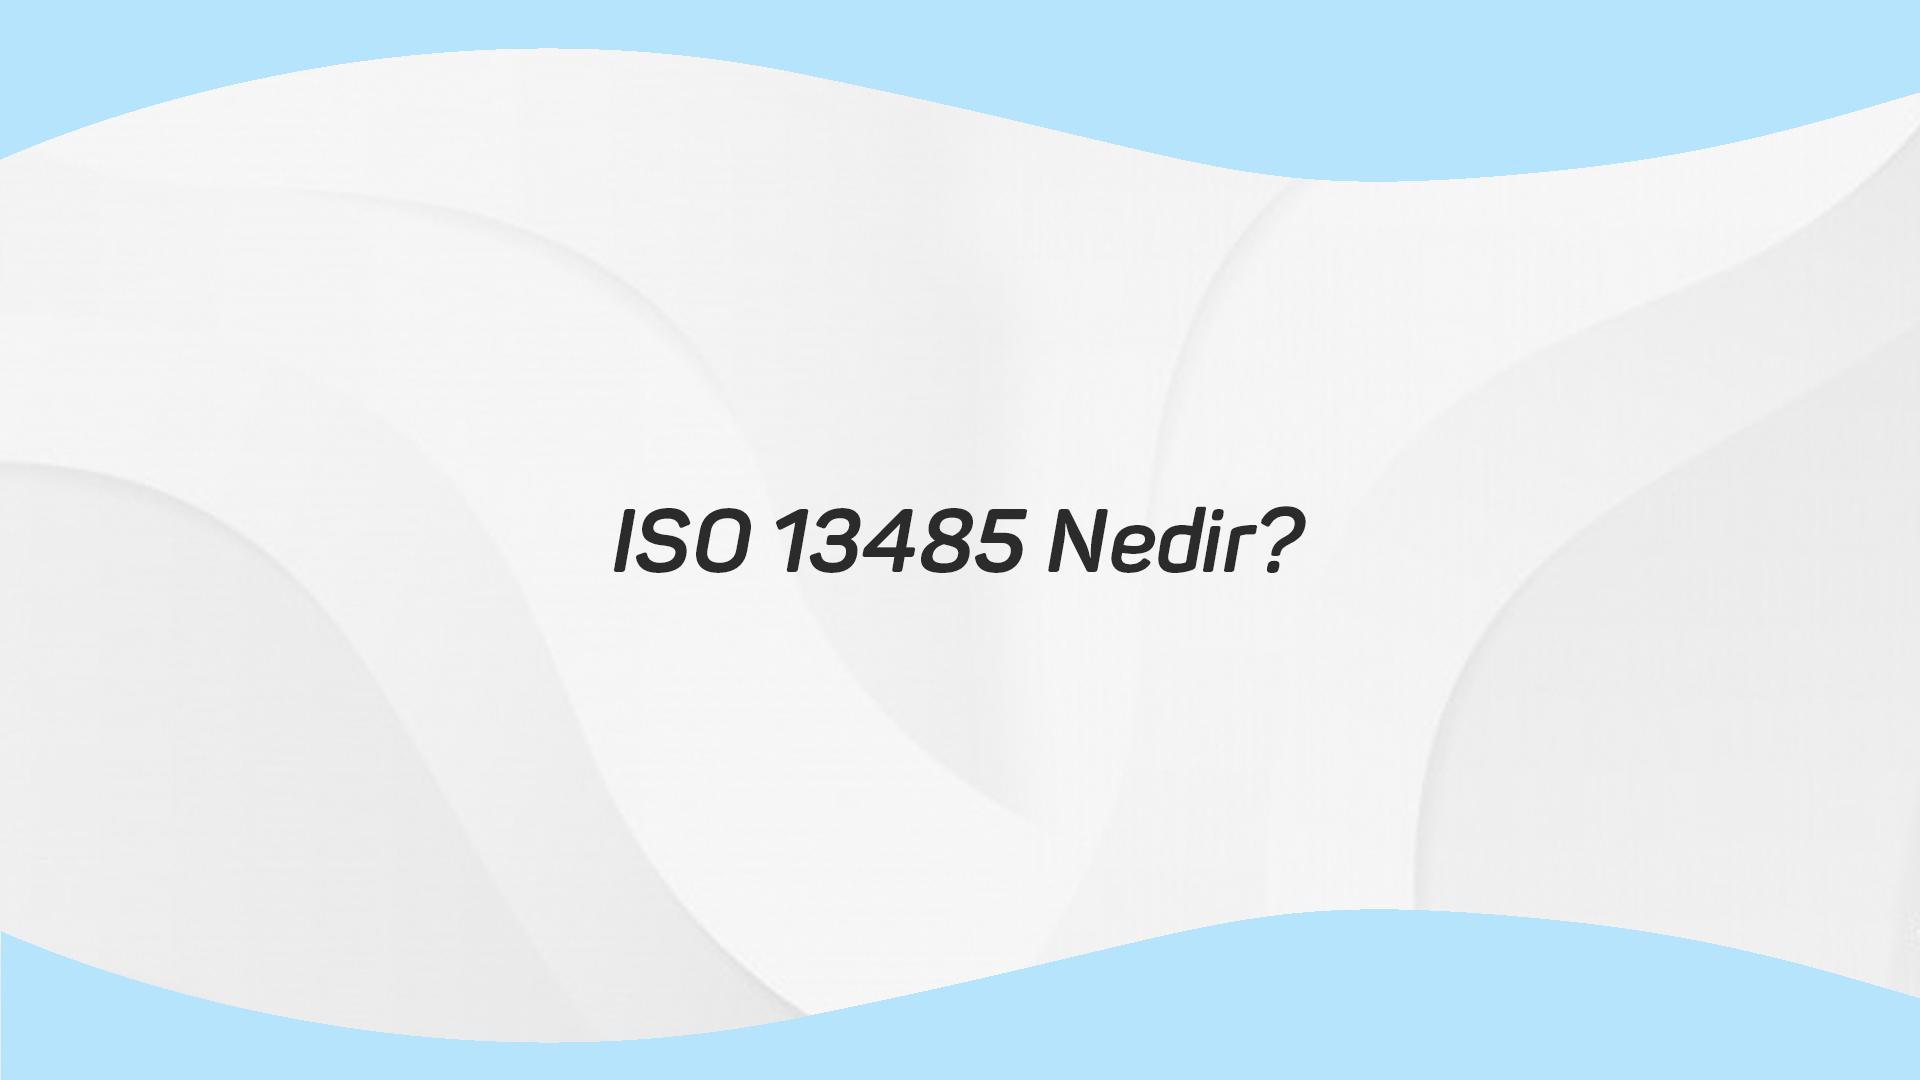 ISO 13485 Nedir